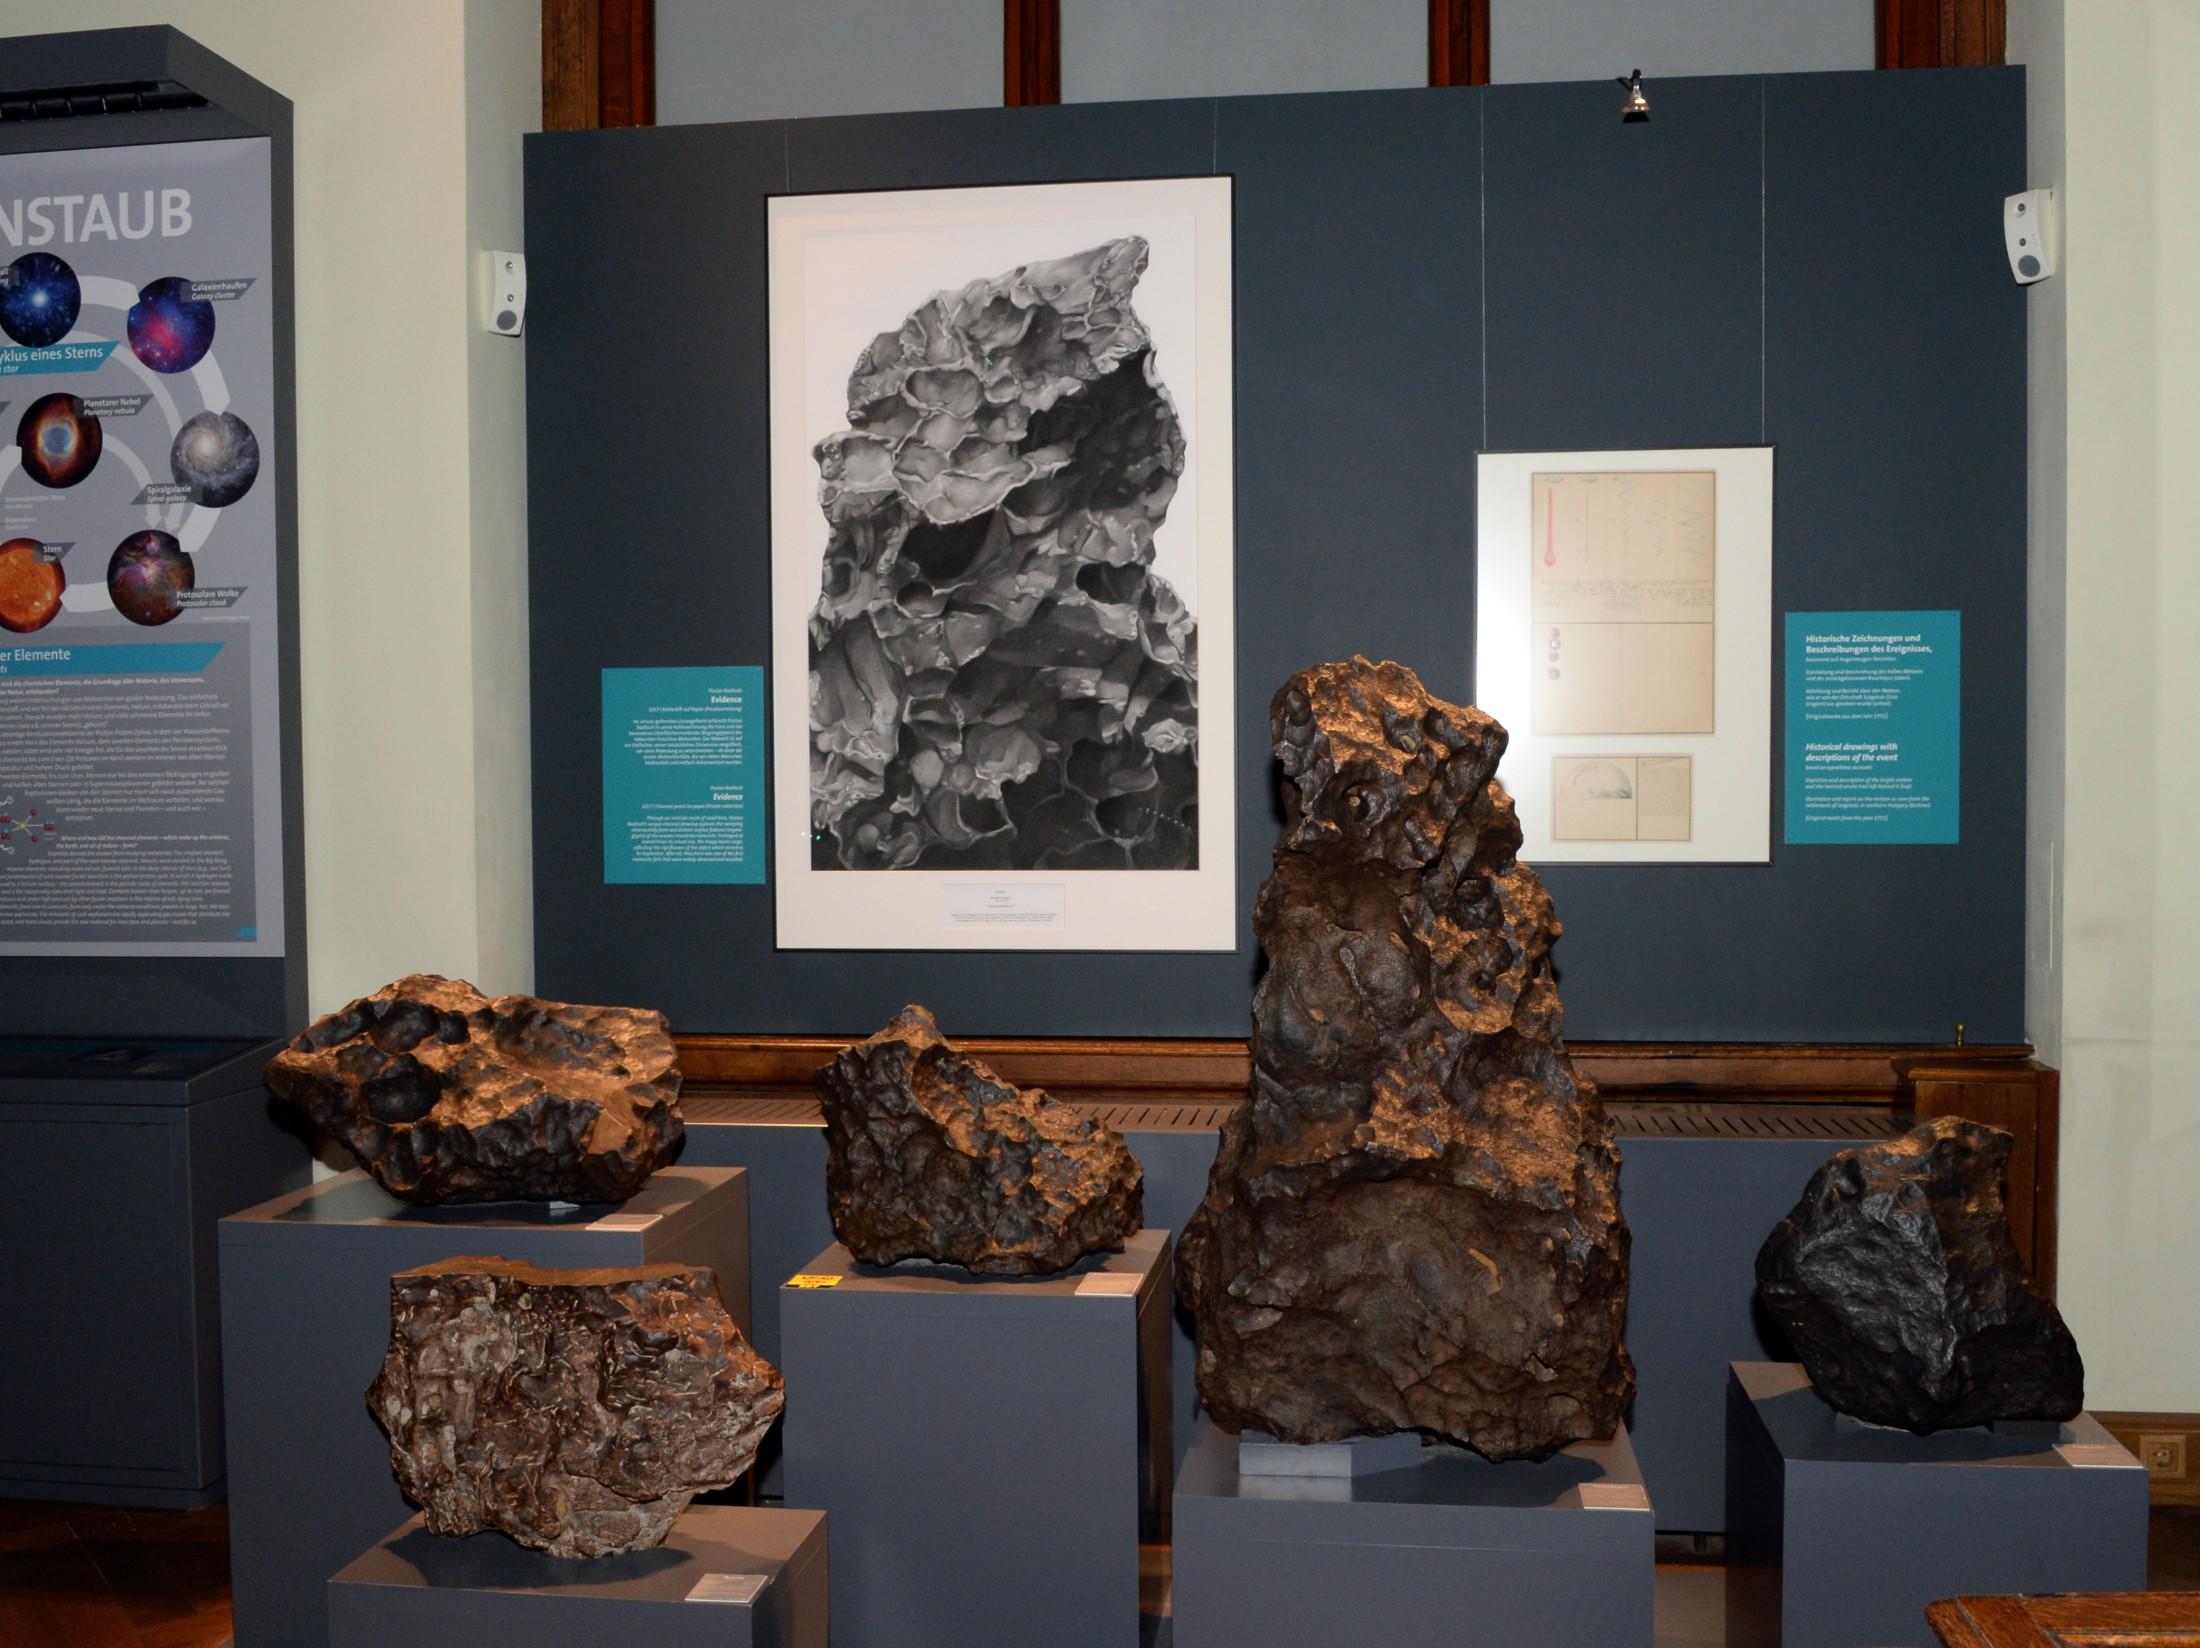 Prirodoslovni muzej u Beču obilježava 270. obljetnicu pada hrašćinskog meteorita